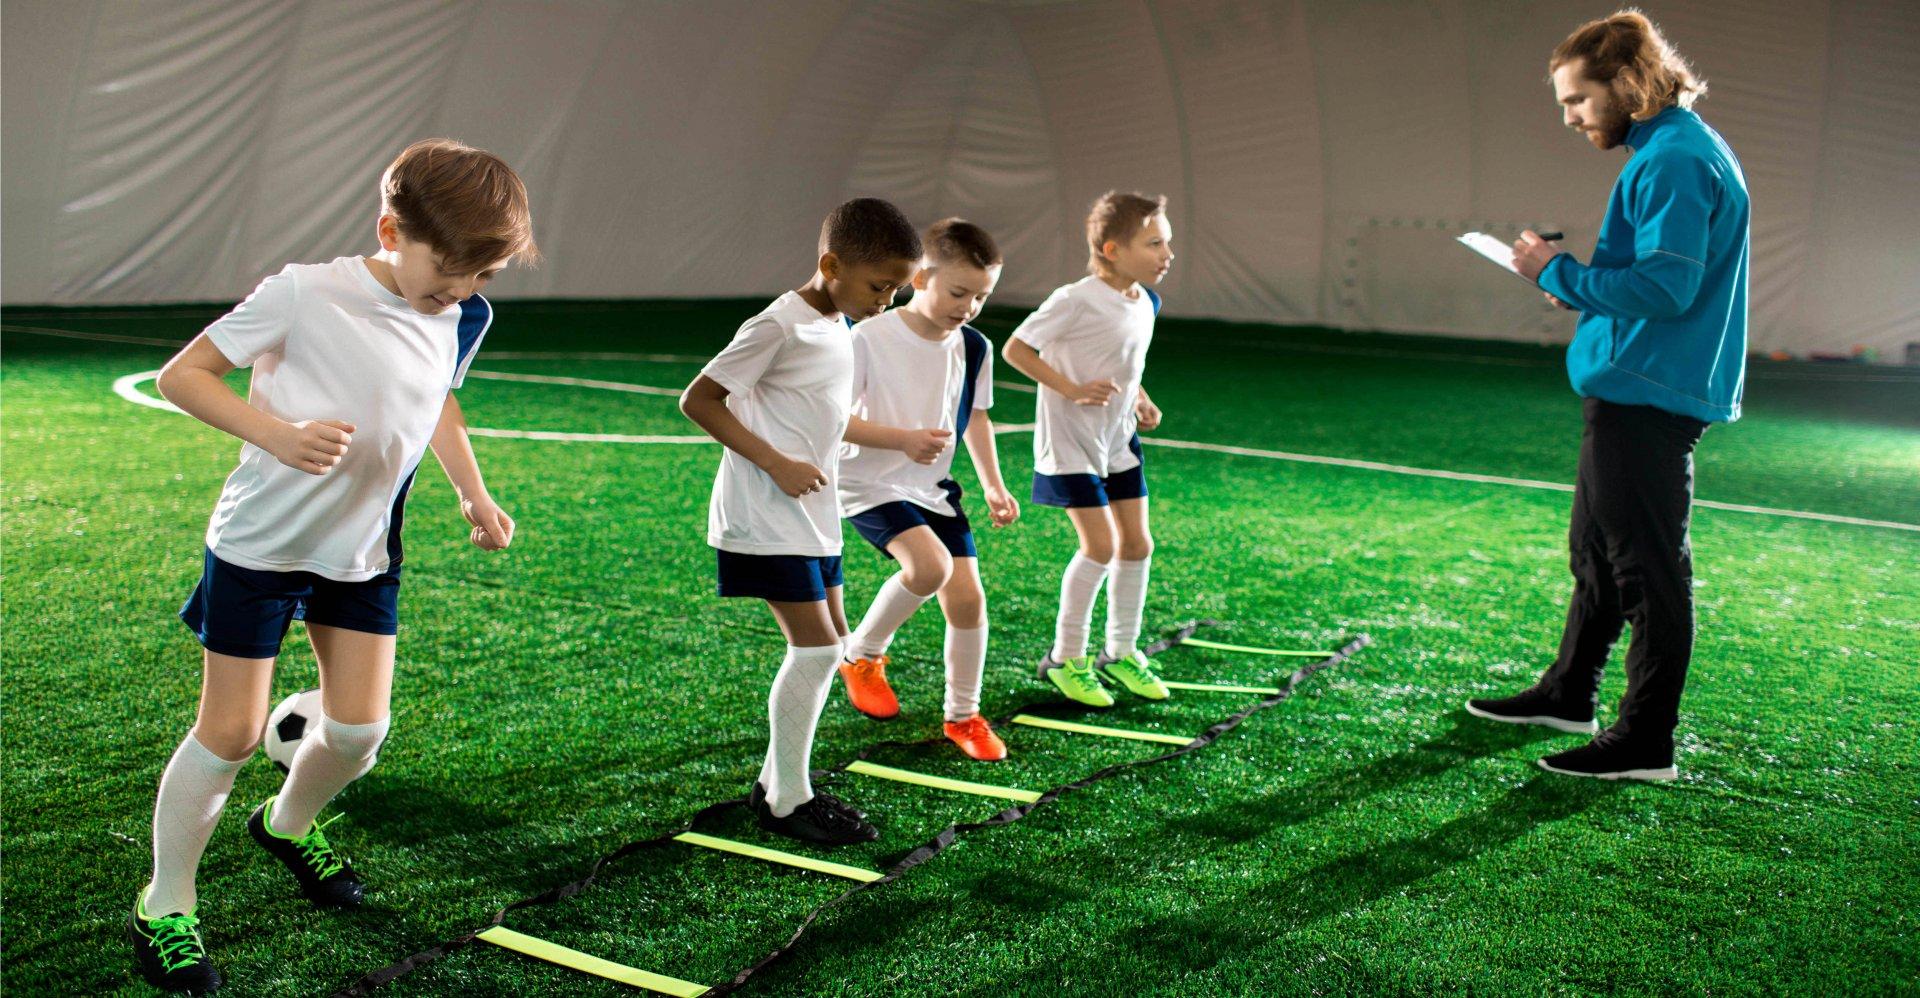 Entraineur apprend soccer enfants complexe sportif